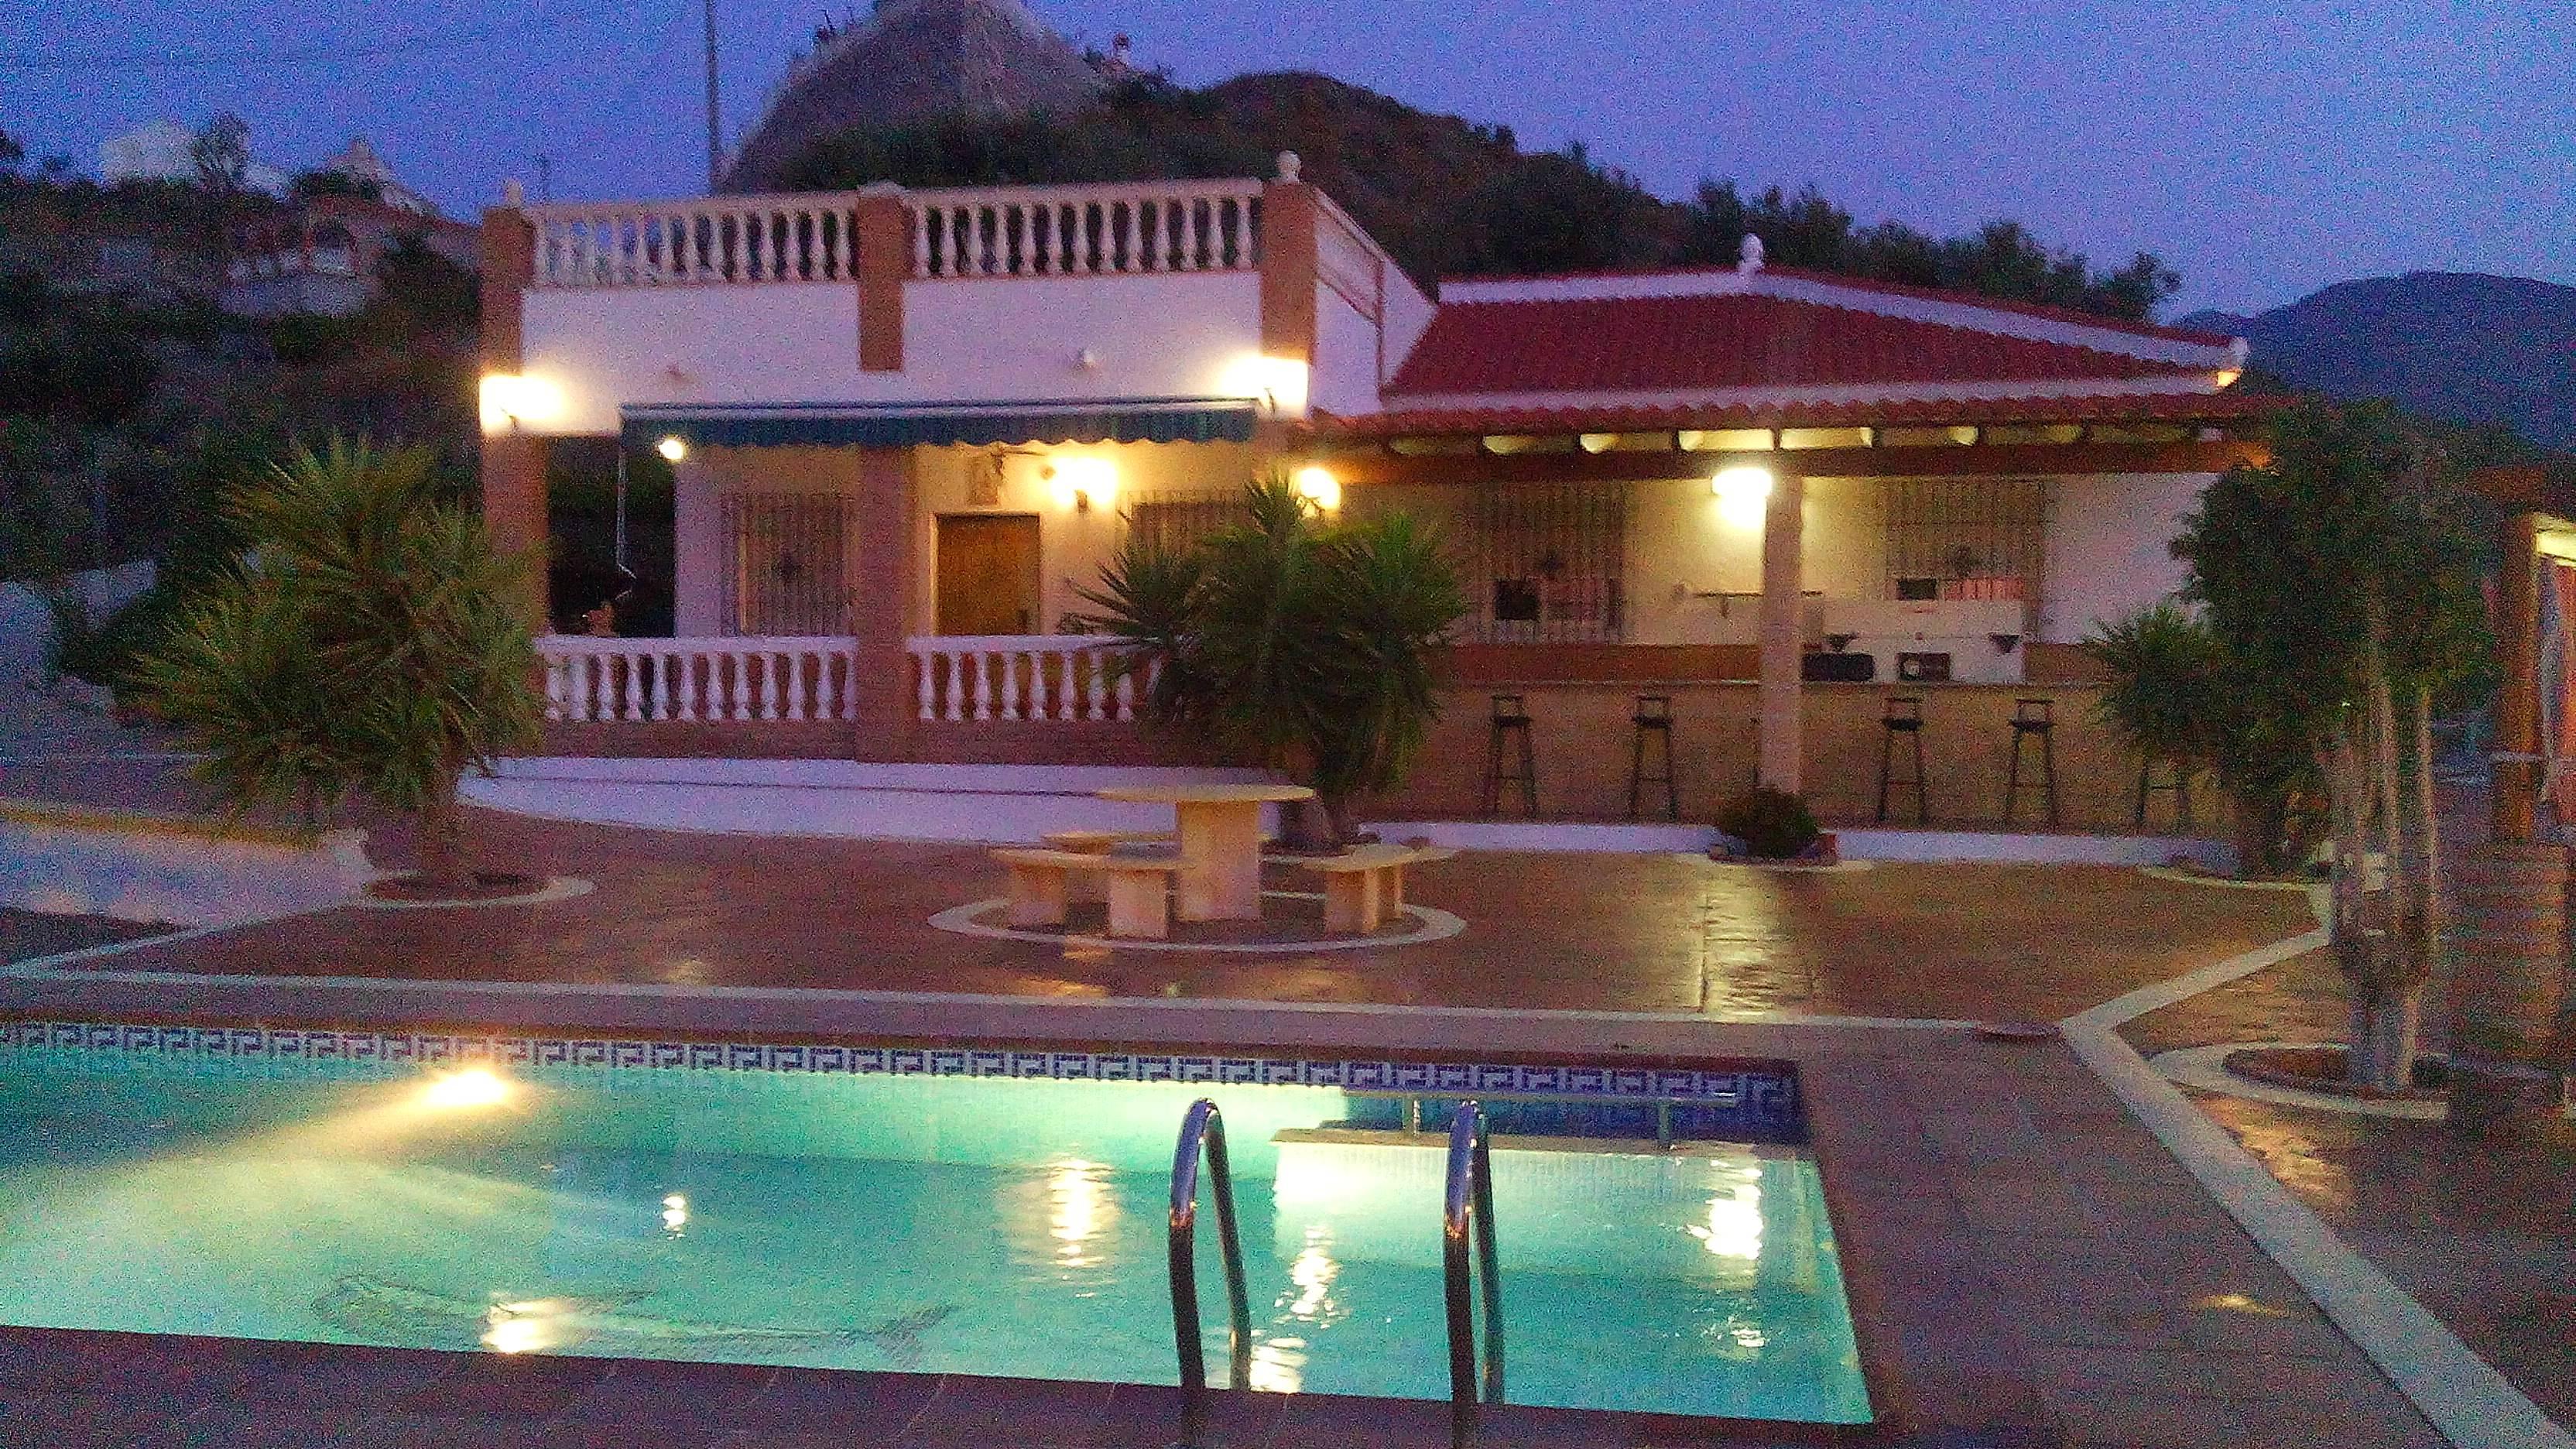 Cortijo con piscina privada vista al mar molv zar for Piscina publica alhendin granada